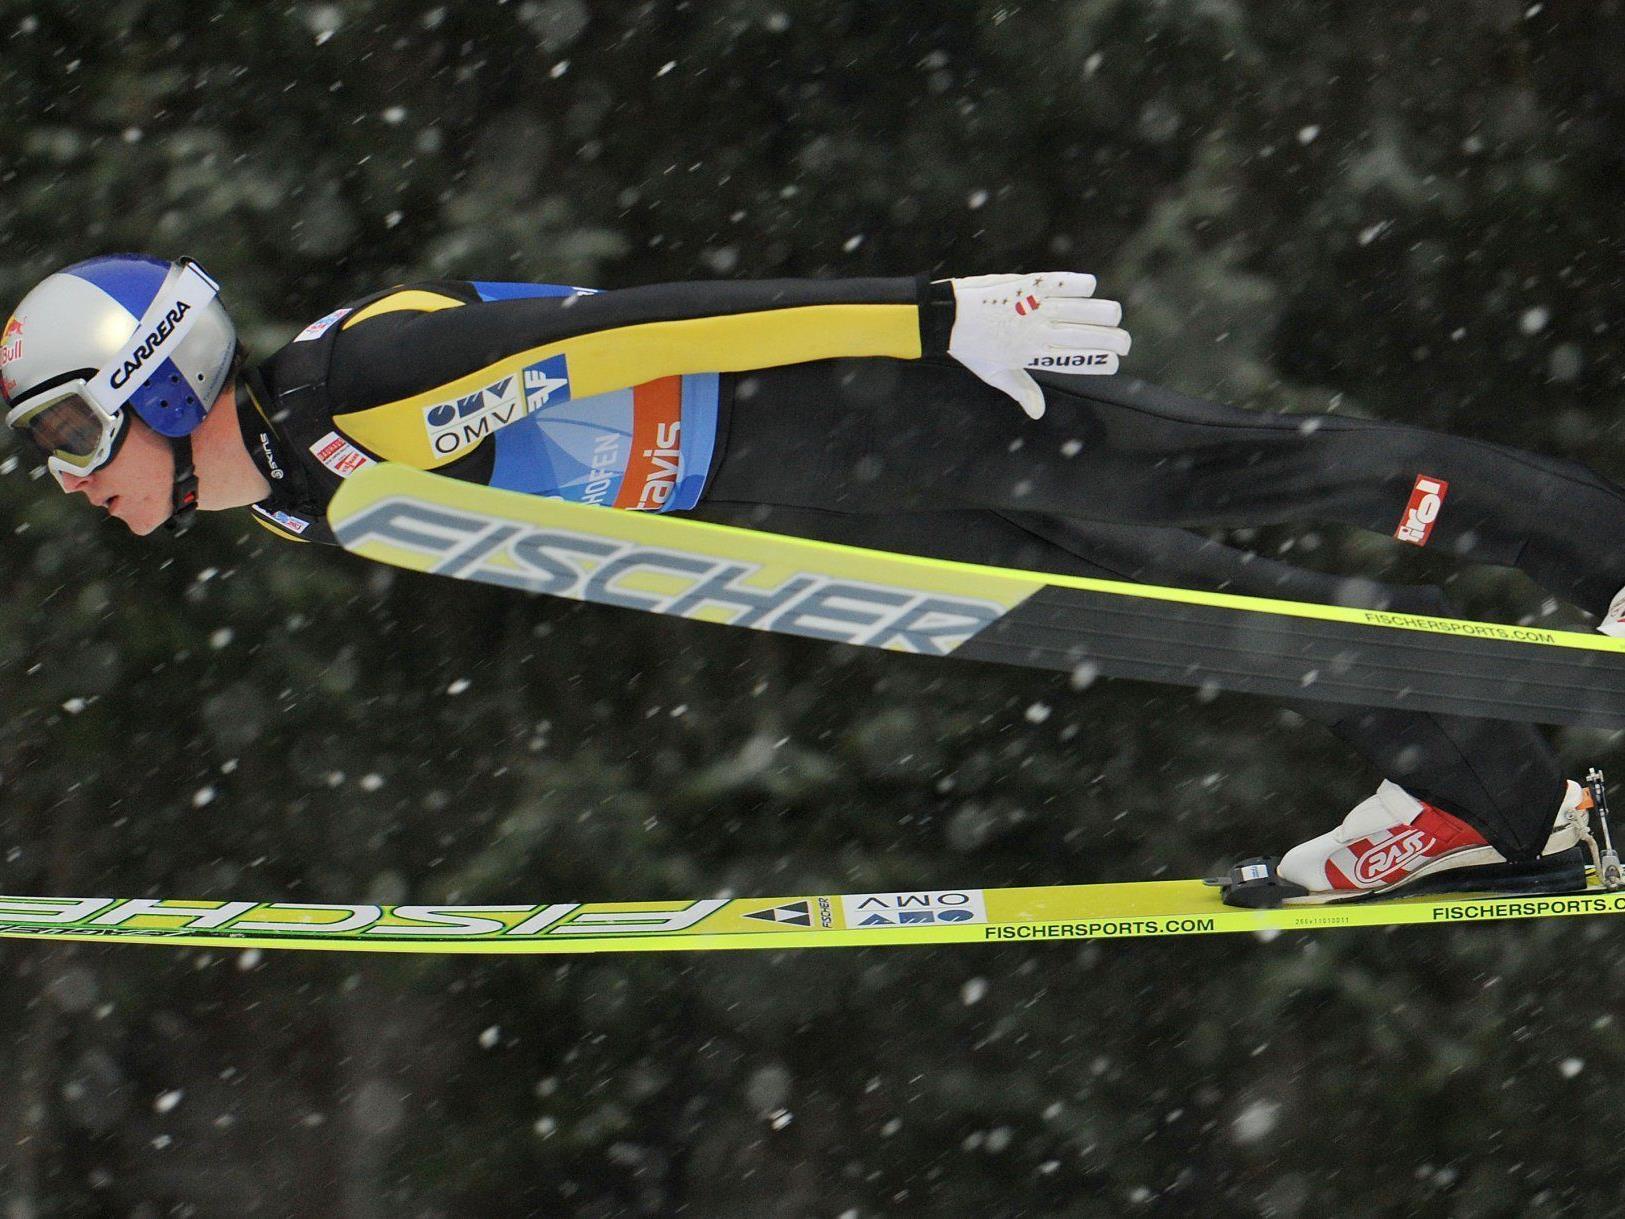 Thomas Morgenstern gewinnt in Bischofshofen und Gregor Schlierenzauer holt den Tournee-Gesamtsieg.